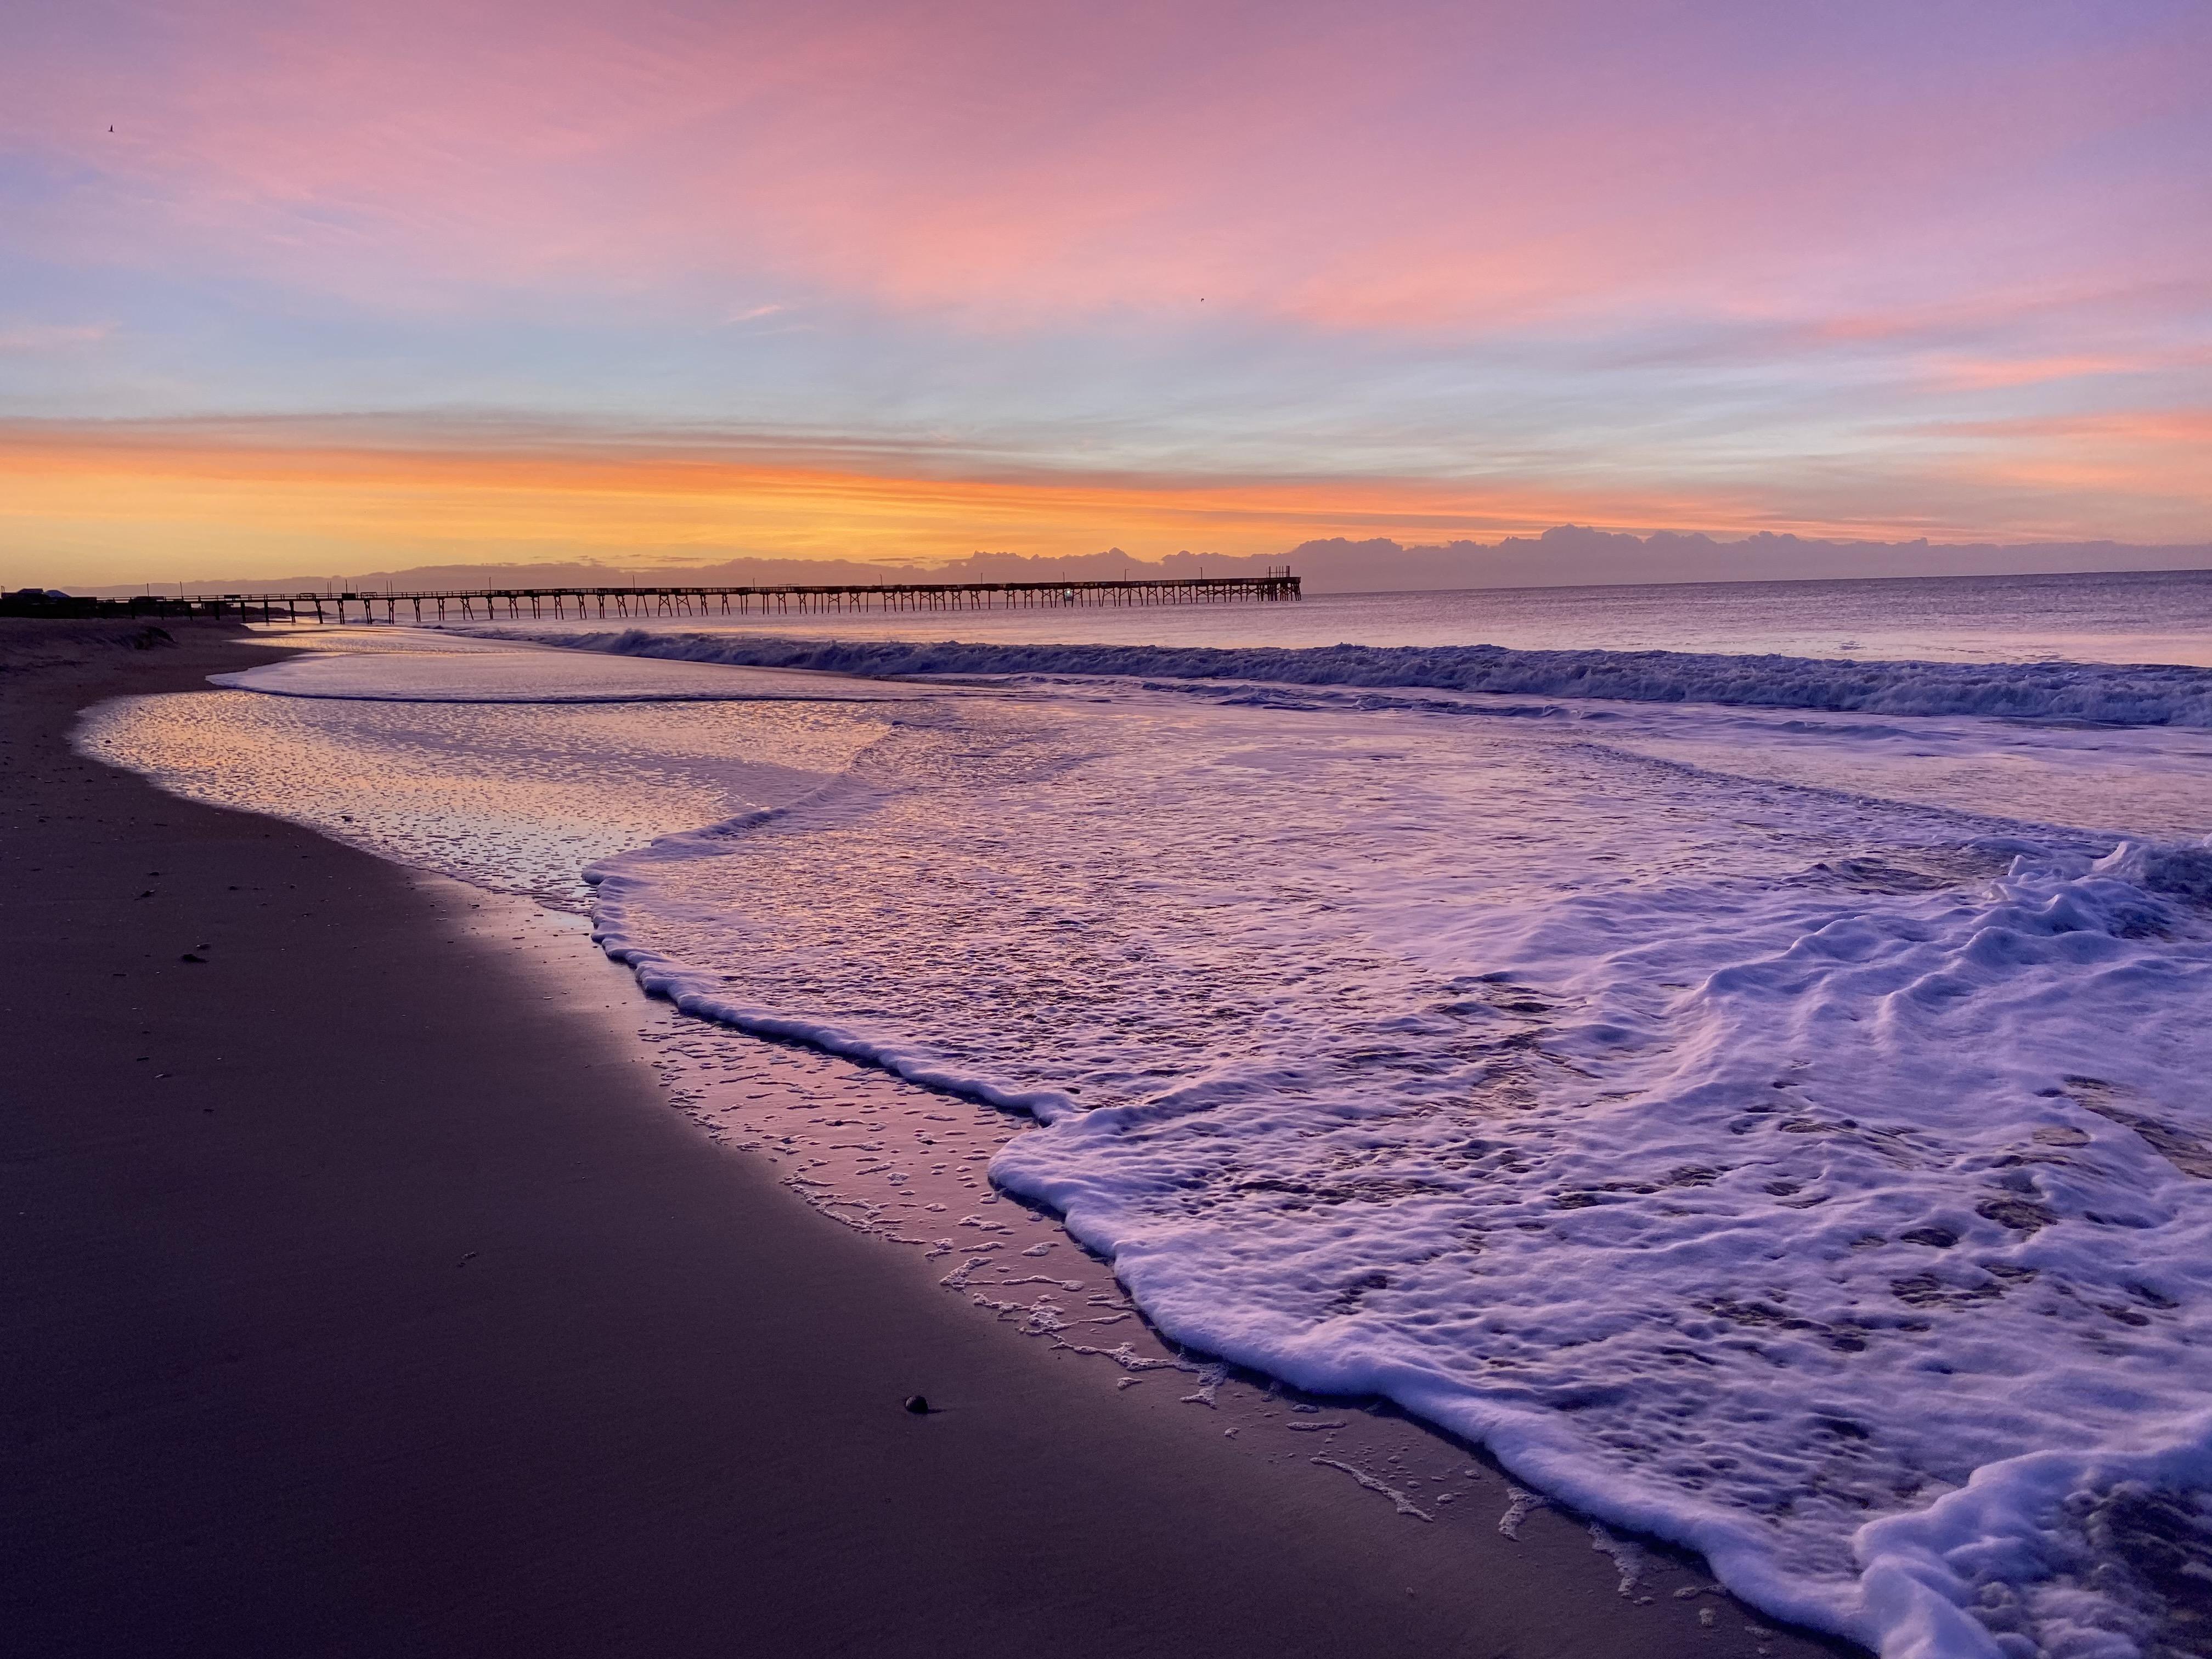 Gambar Putih Langit Badan Air Laut Horison Lautan